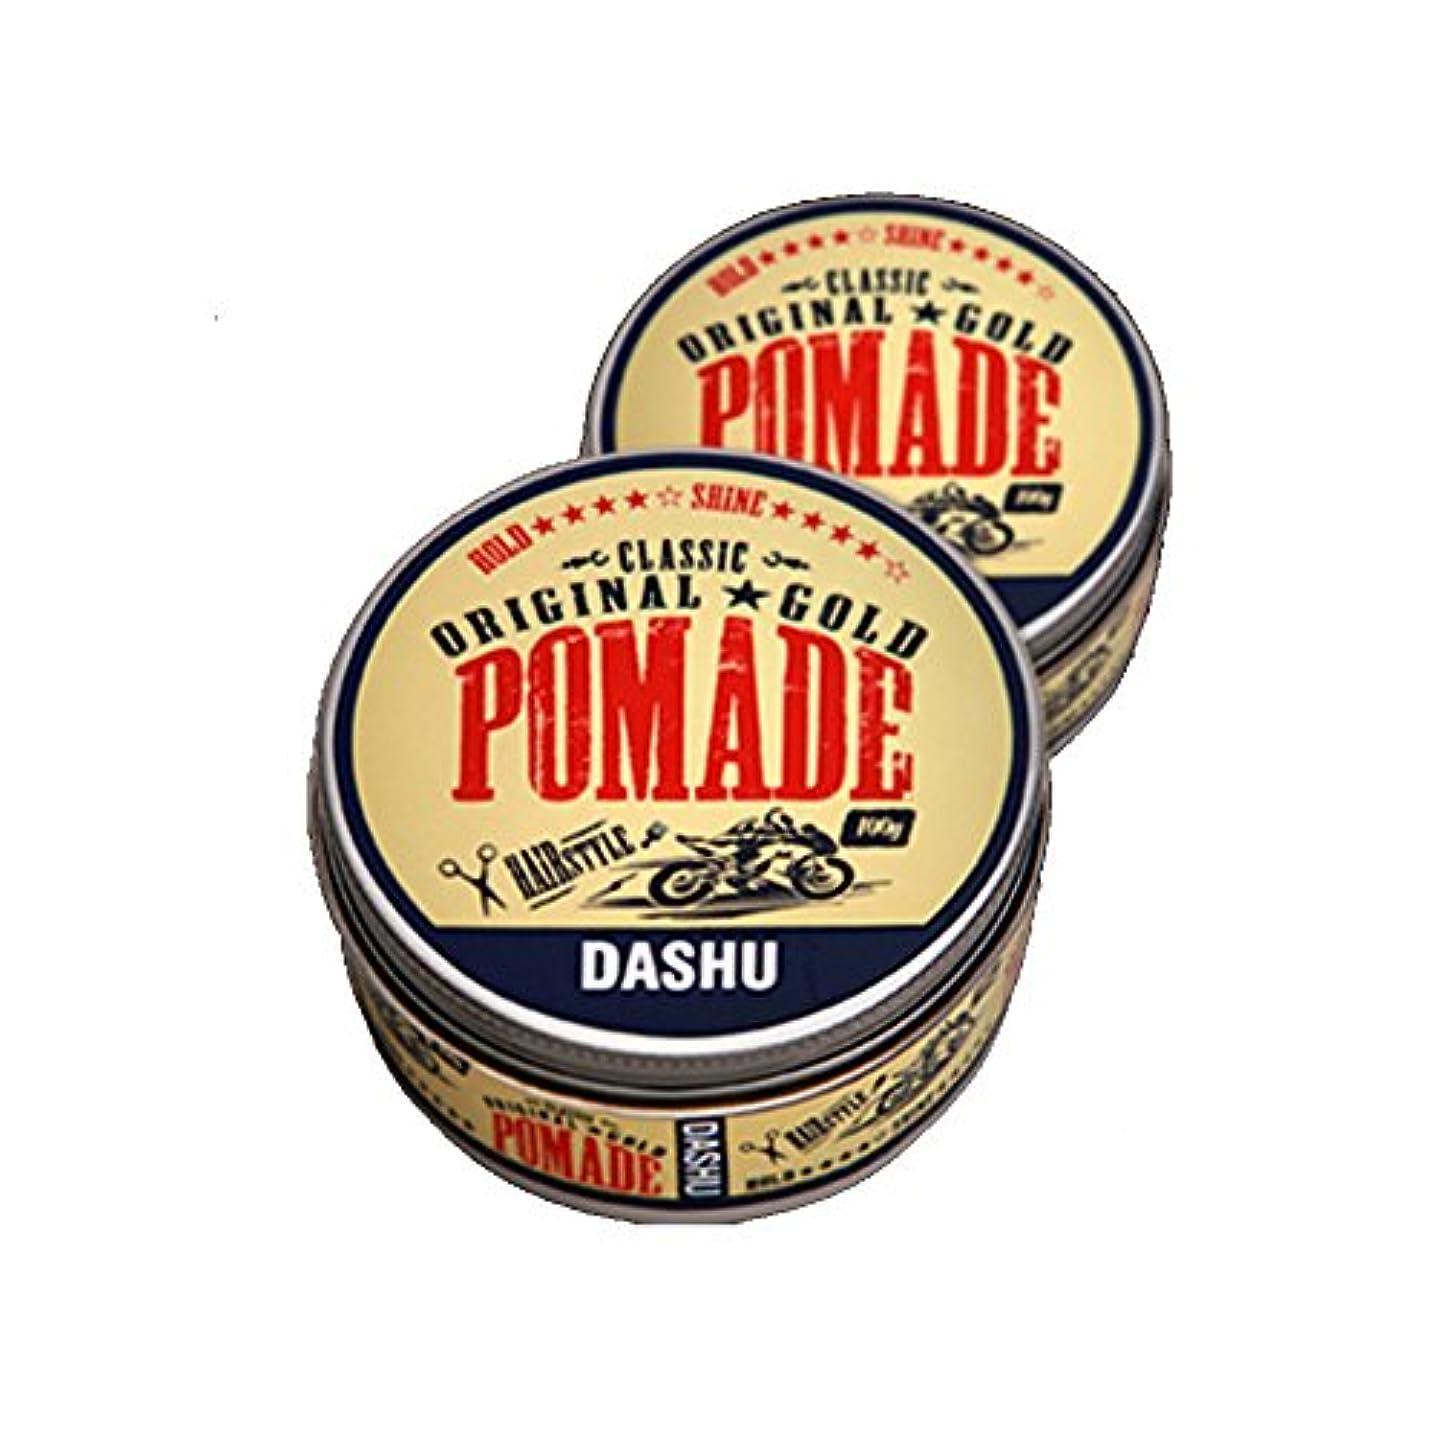 倍増劇作家に向かって(2個セット) x [DASHU] ダシュ クラシックオリジナルゴールドポマードヘアワックス Classic Original Gold Pomade Hair Wax 100ml / 韓国製 . 韓国直送品